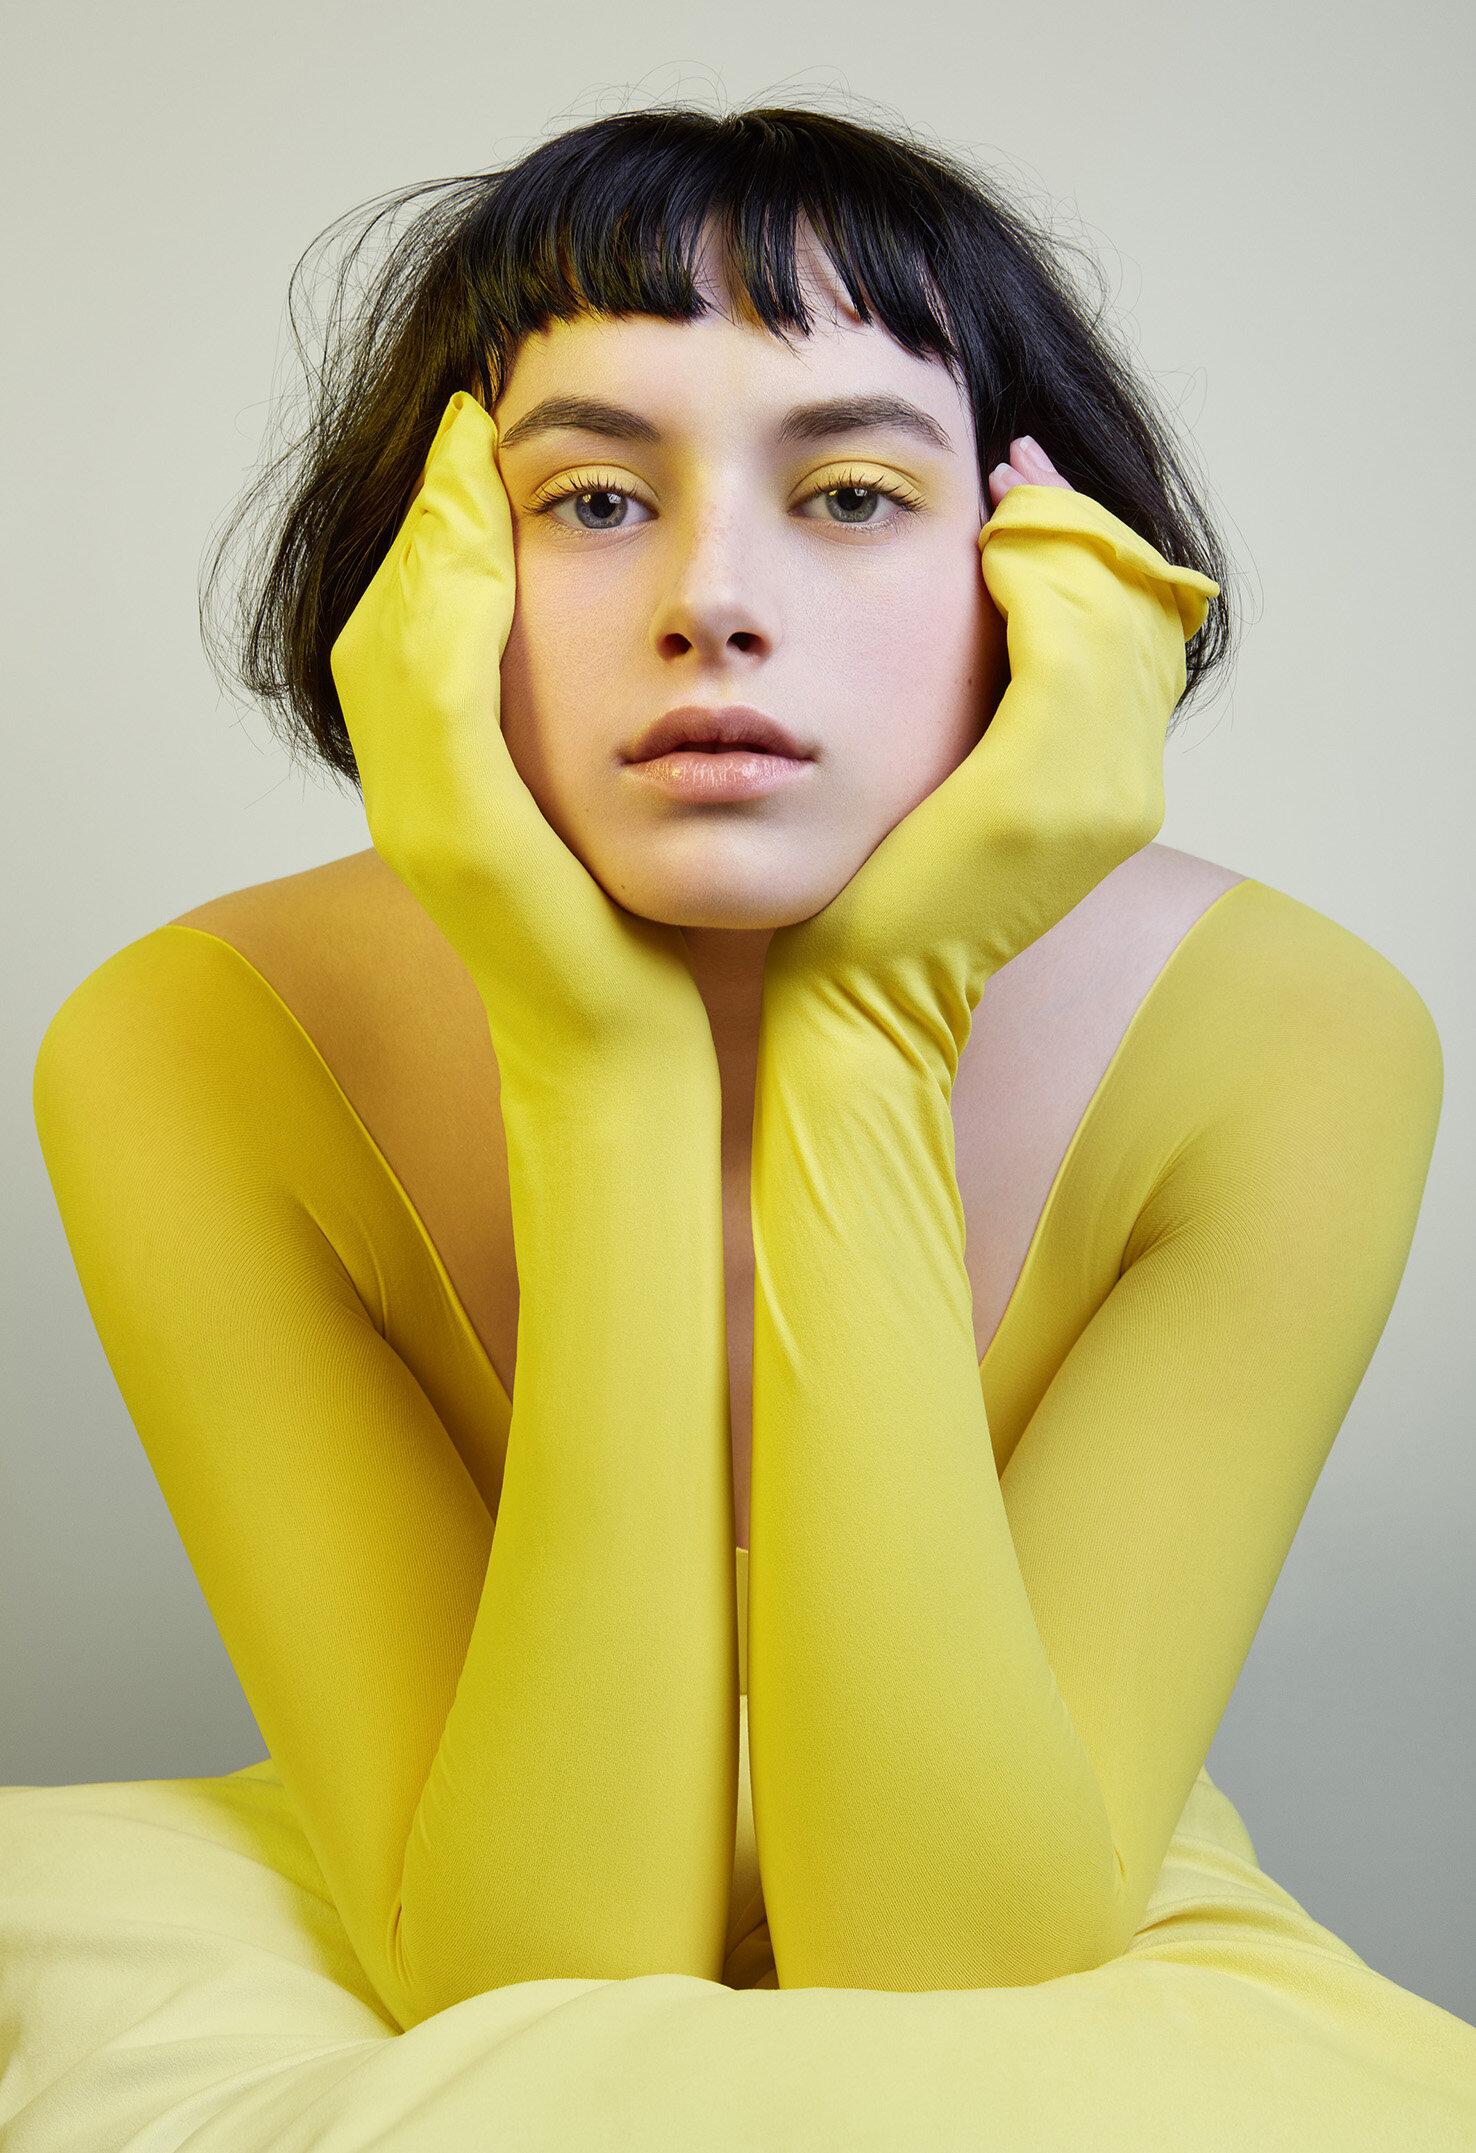 Yellow_Alcide_Rioche_portrait_beauty_photographe_valerie_paumelle_agent.jpg